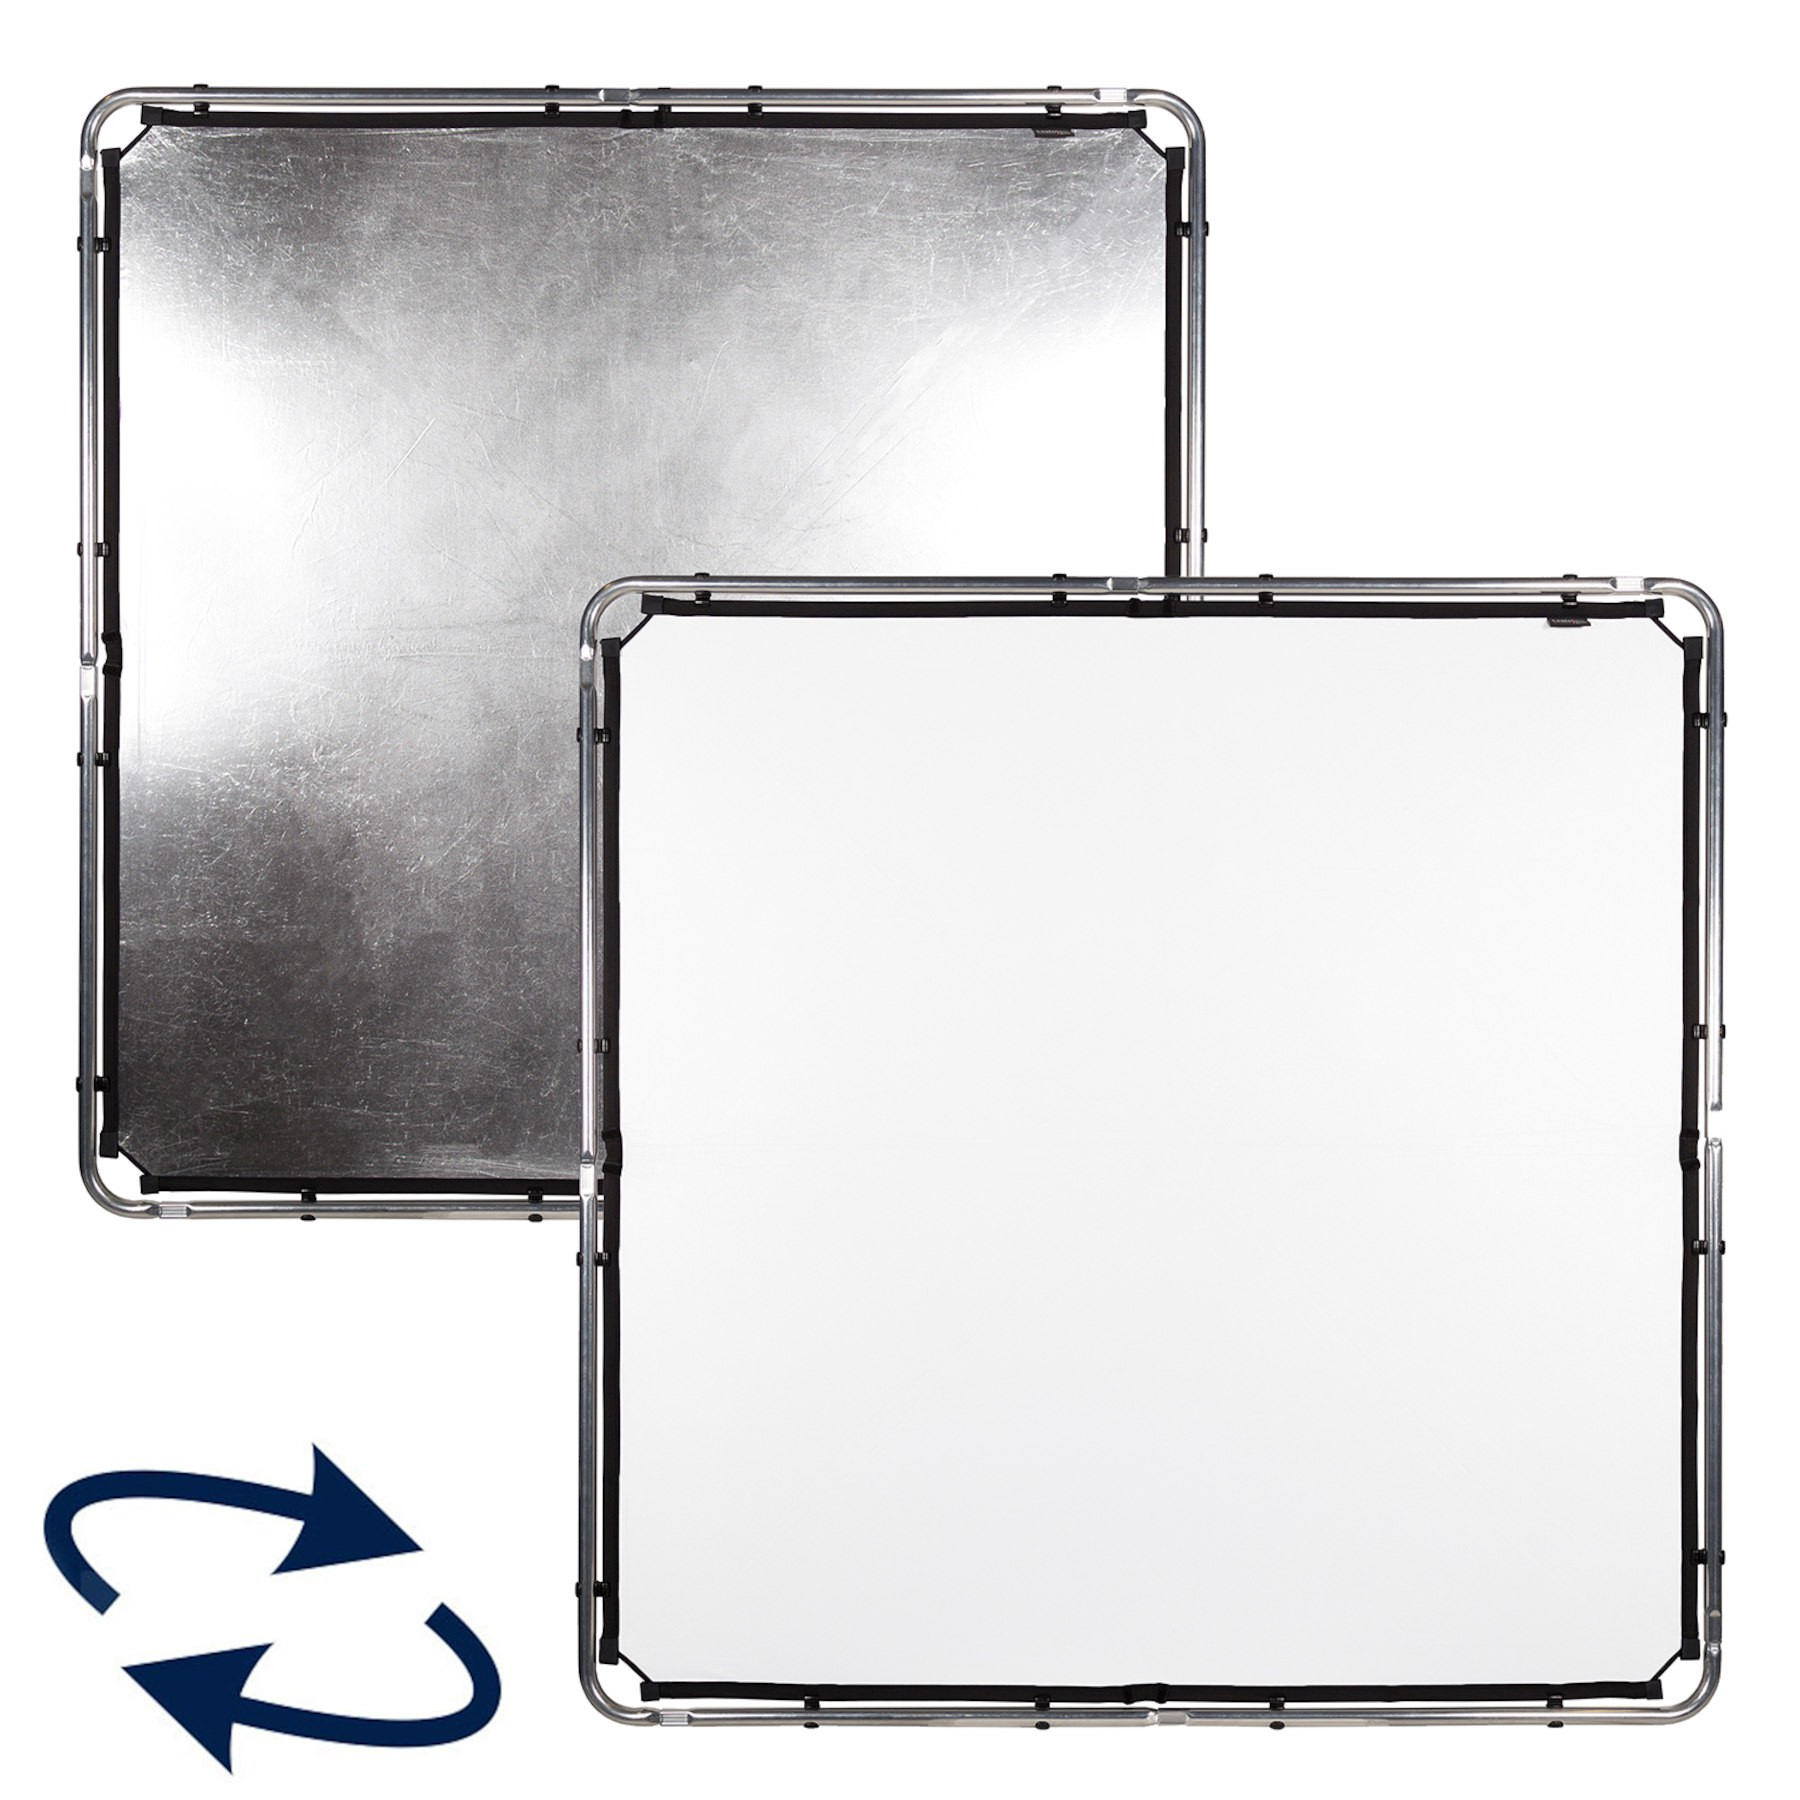 Lastolite SkyRapid Bespannung midi 1,5 x 1,5m silber / weiß